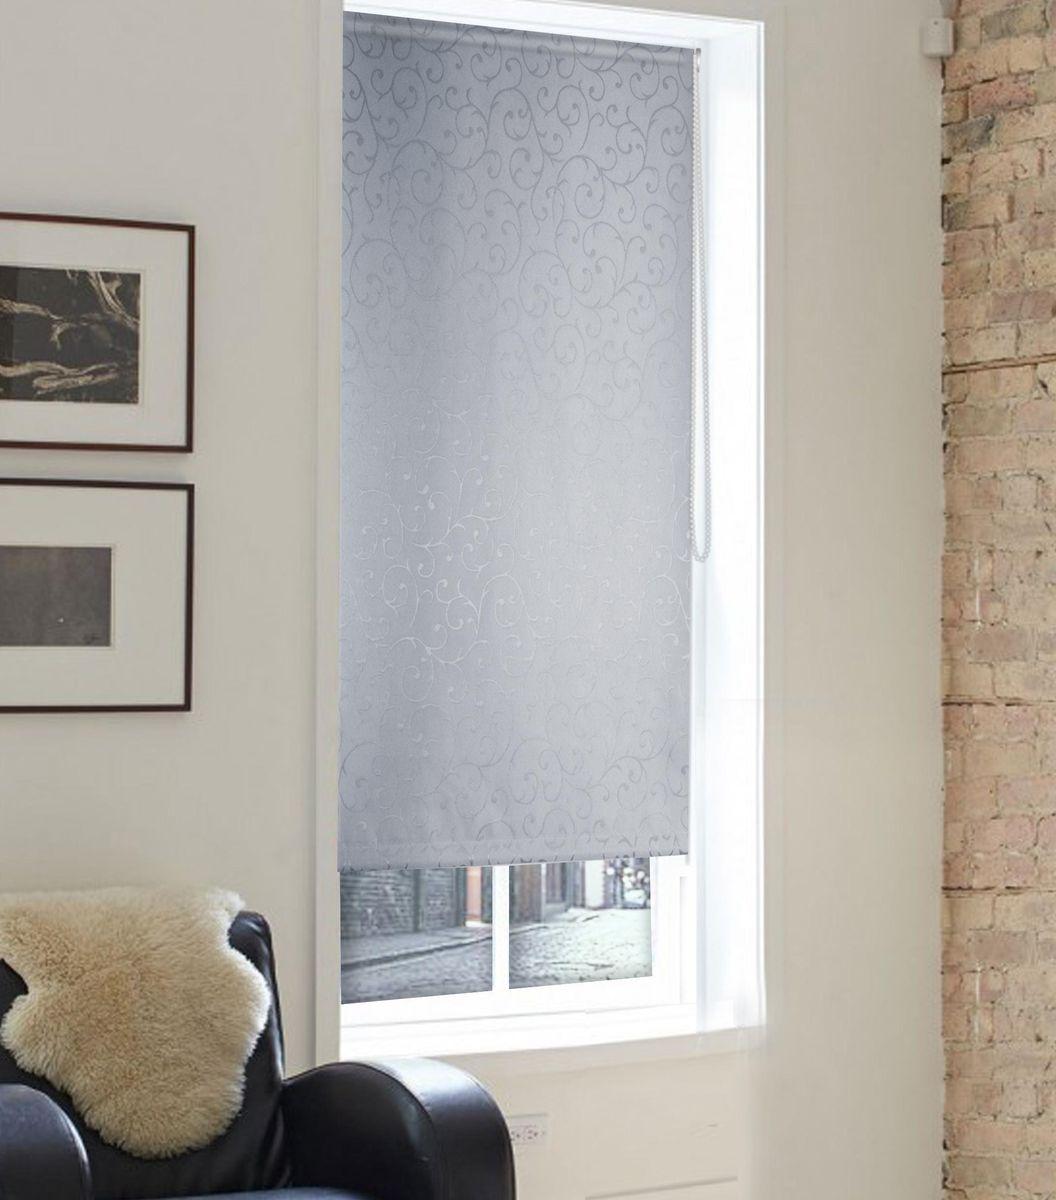 Штора рулонная Эскар Агат, цвет: серый, ширина 150 см, высота 160 см87022150160Рулонными шторами можно оформлять окна как самостоятельно, так и использовать в комбинации с портьерами. Это поможет предотвратить выгорание дорогой ткани на солнце и соединит функционал рулонных с красотой навесных.Преимущества применения рулонных штор для пластиковых окон:- имеют прекрасный внешний вид: многообразие и фактурность материала изделия отлично смотрятся в любом интерьере; - многофункциональны: есть возможность подобрать шторы способные эффективно защитить комнату от солнца, при этом она не будет слишком темной.- Есть возможность осуществить быстрый монтаж.ВНИМАНИЕ! Размеры ширины изделия указаны по ширине ткани!Во время эксплуатации не рекомендуется полностью разматывать рулон, чтобы не оторвать ткань от намоточного вала.В случае загрязнения поверхности ткани, чистку шторы проводят одним из способов, в зависимости от типа загрязнения: легкое поверхностное загрязнение можно удалить при помощи канцелярского ластика; чистка от пыли производится сухим методом при помощи пылесоса с мягкой щеткой-насадкой; для удаления пятна используйте мягкую губку с пенообразующим неагрессивным моющим средством или пятновыводитель на натуральной основе (нельзя применять растворители).